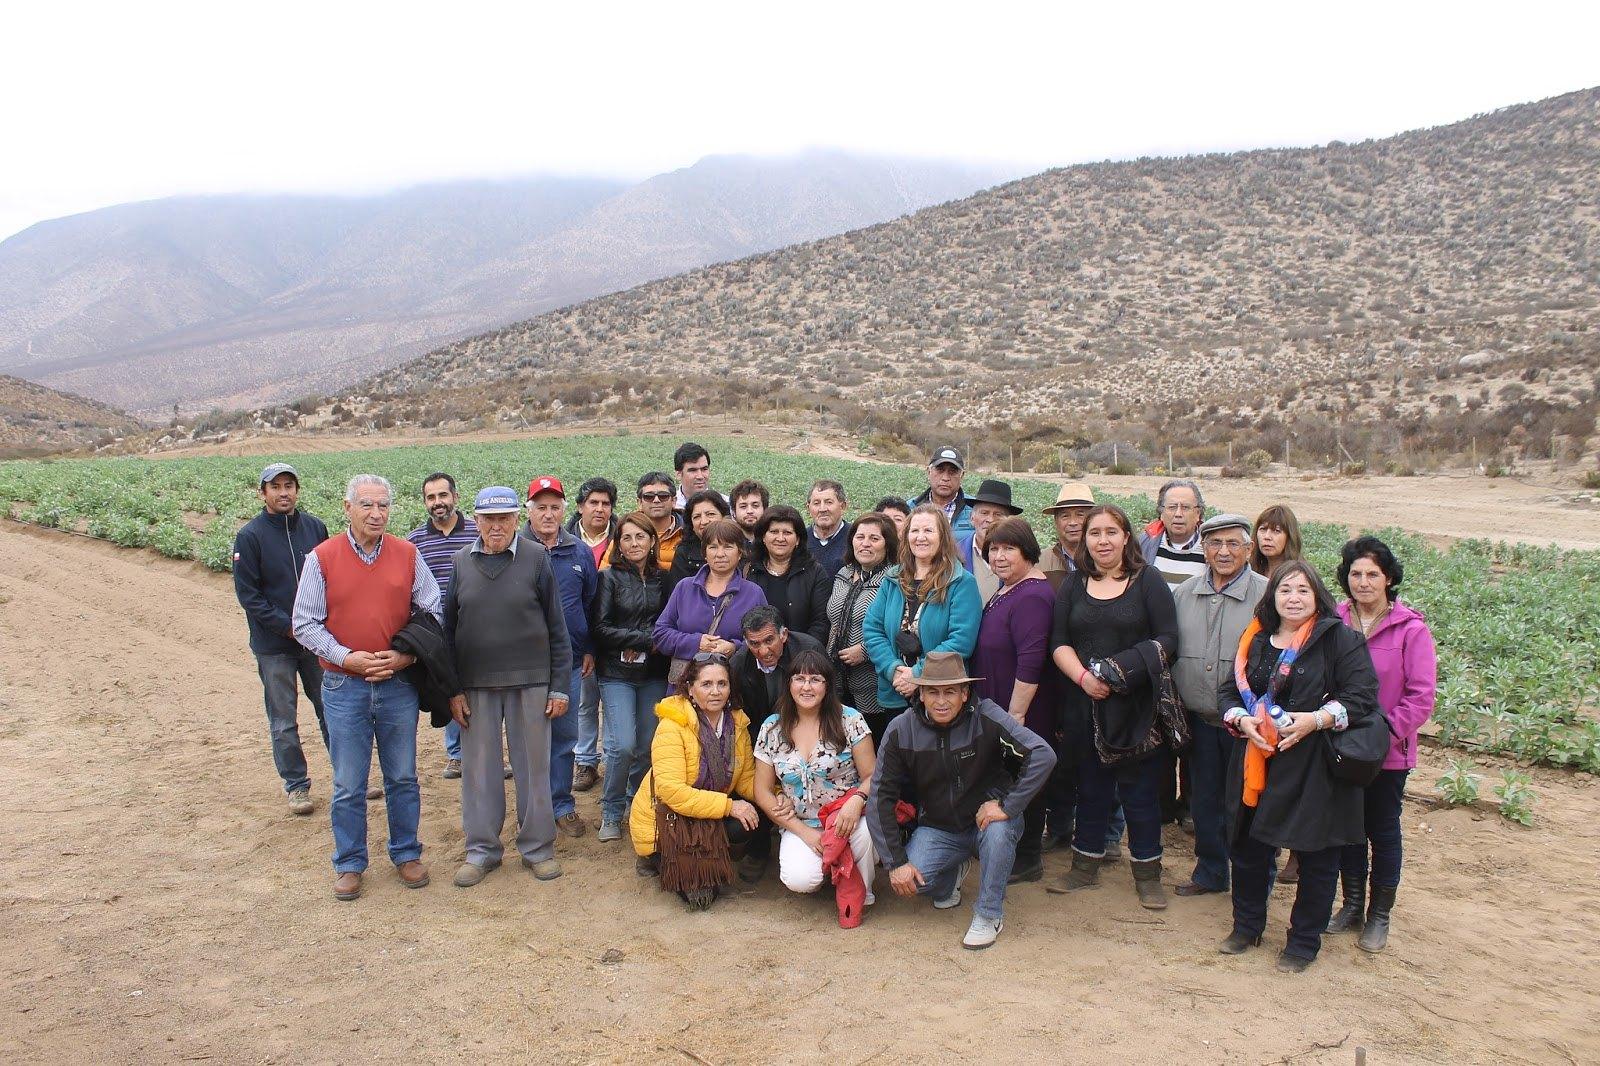 Agricultores de Pelarco visitaron experiencias de riego con escasez hidrica en IV región